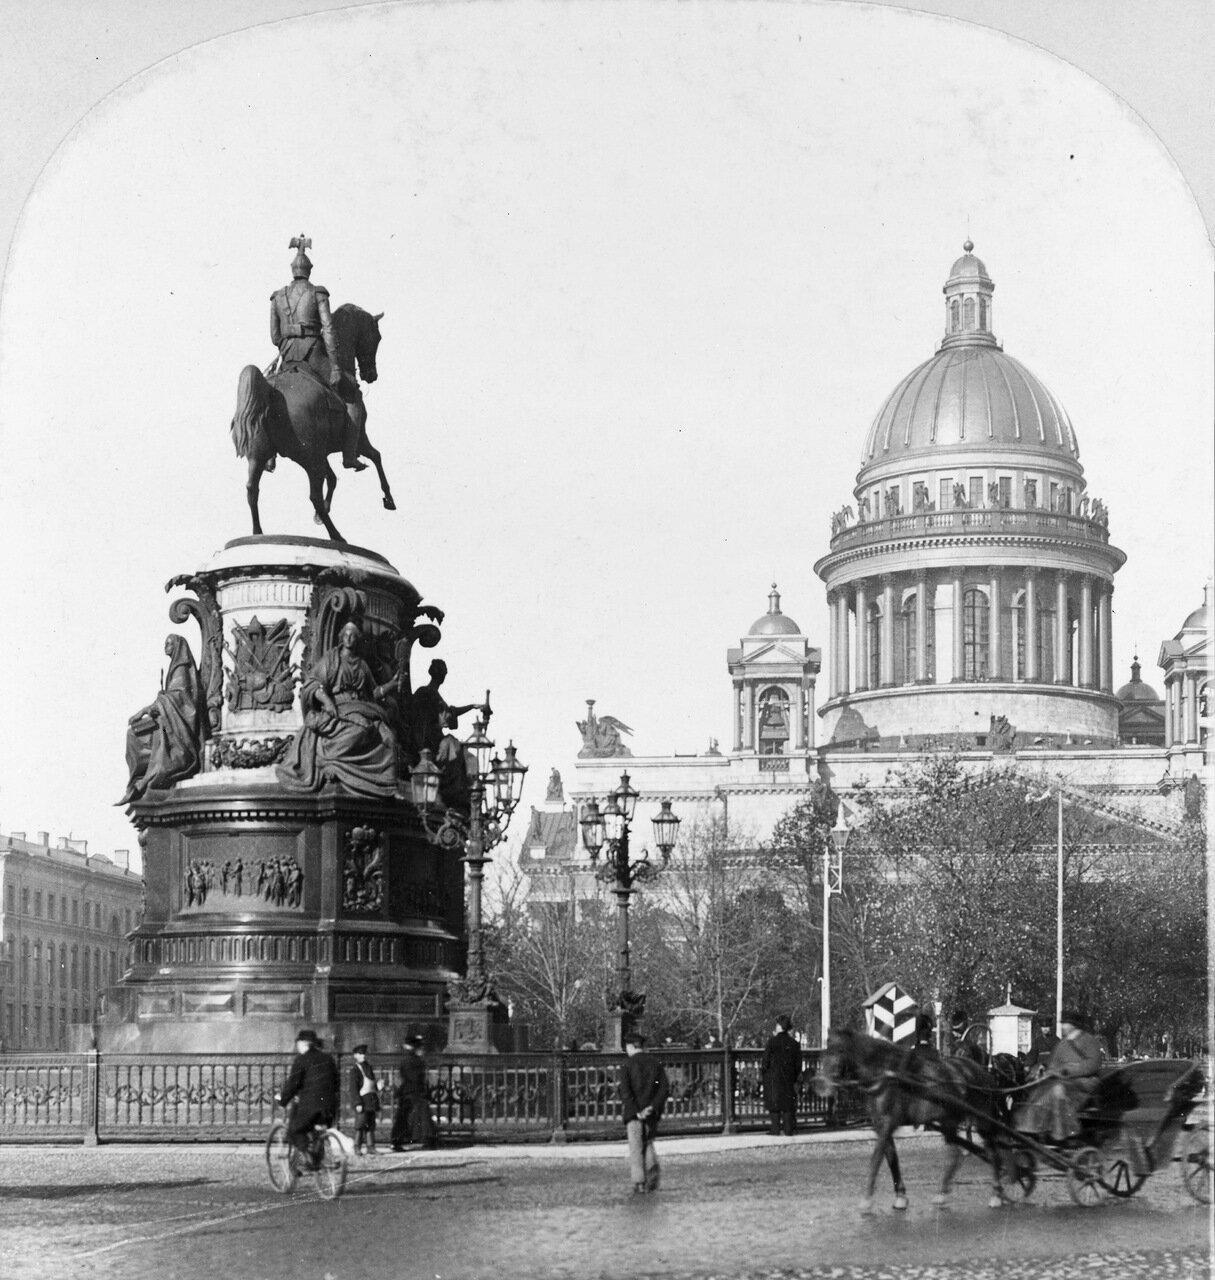 Памятник Николаю I и Исаакиевский собор. 1900